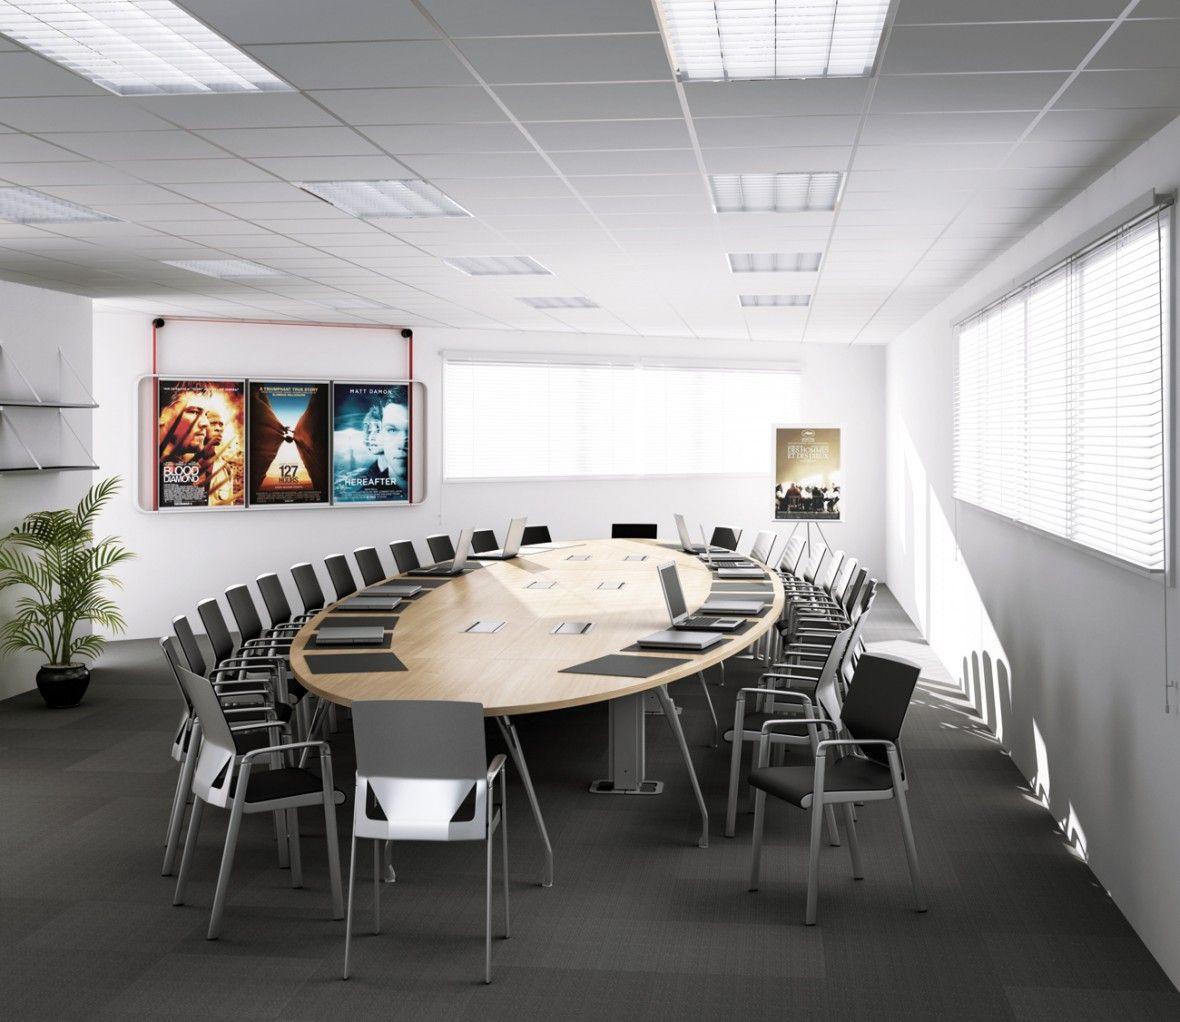 Mesas de oficina para reuniones - Distribuidores